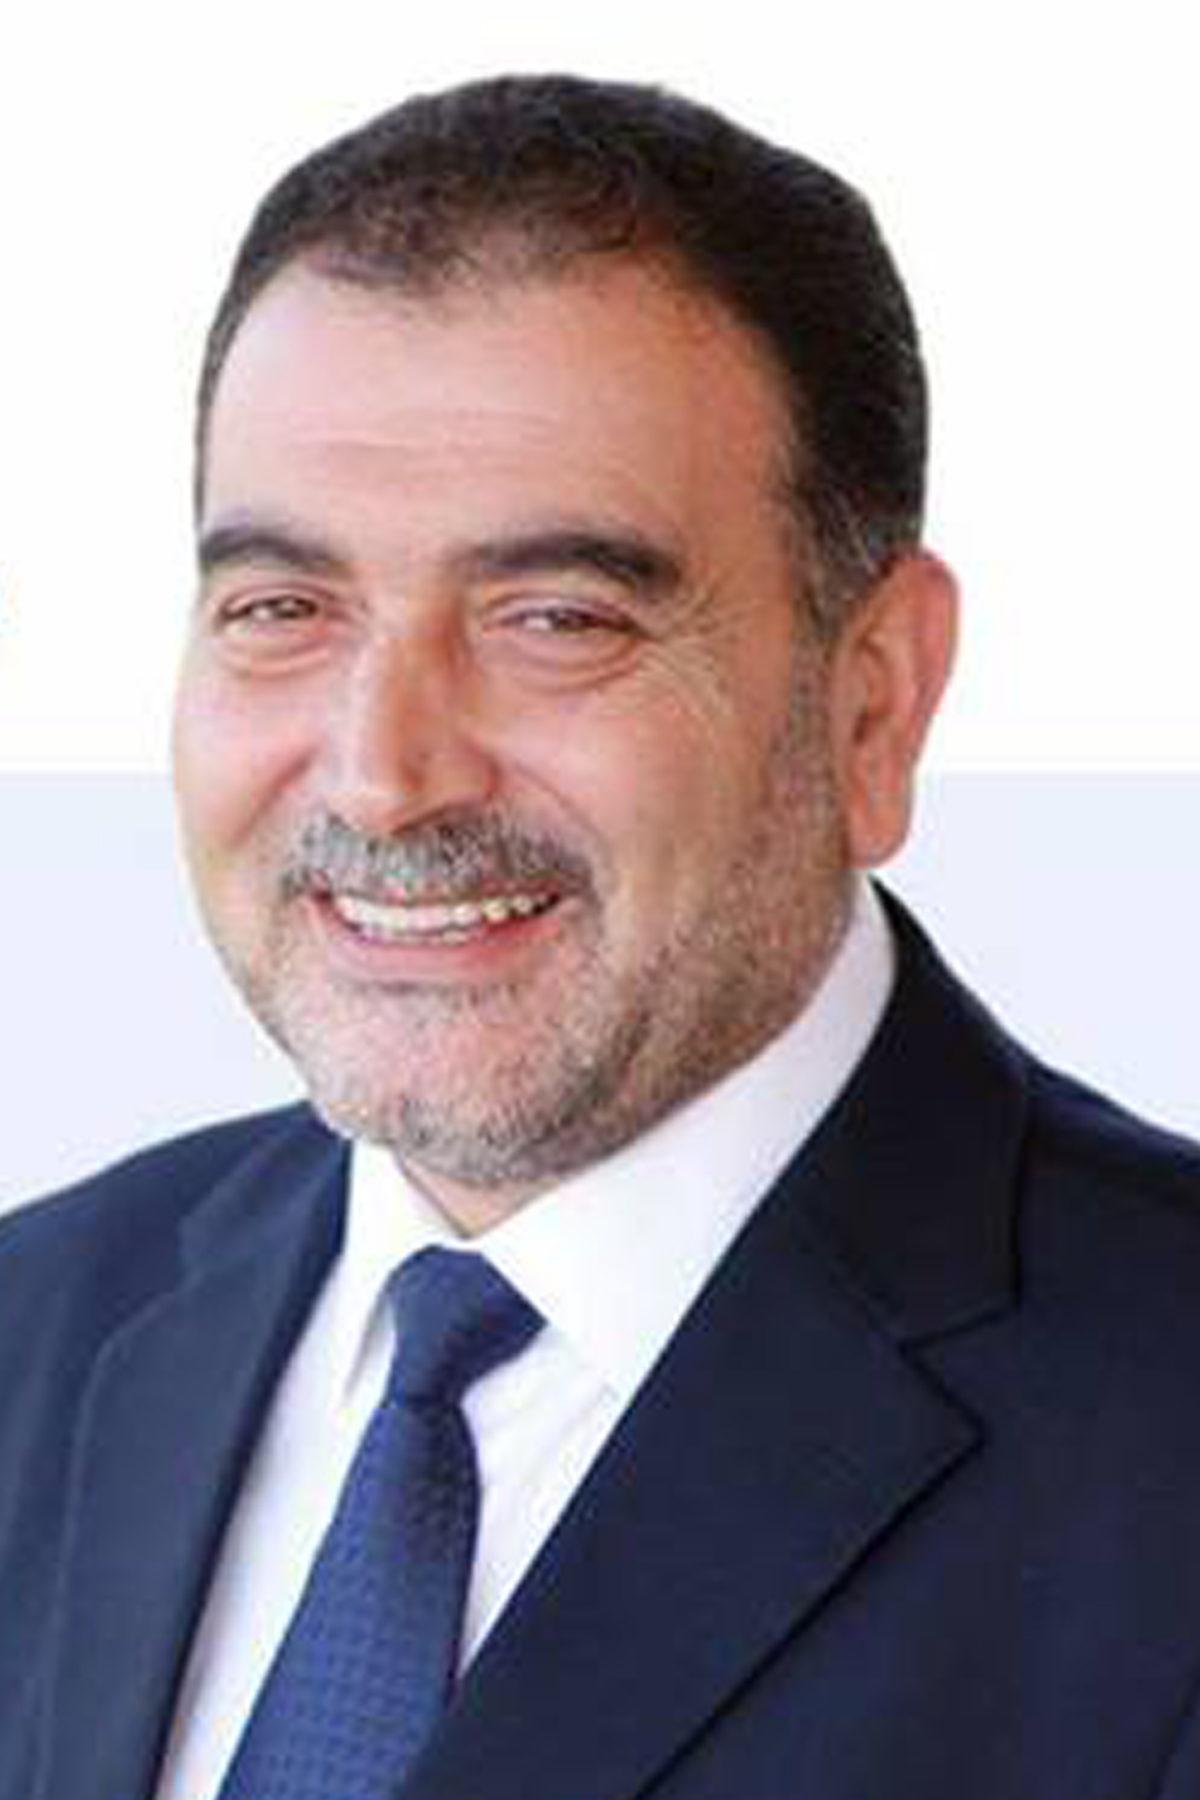 رئيس بلدية قلقيلية يطمئن المواطنين في المدينة بشان رفع حمل الكهرباء